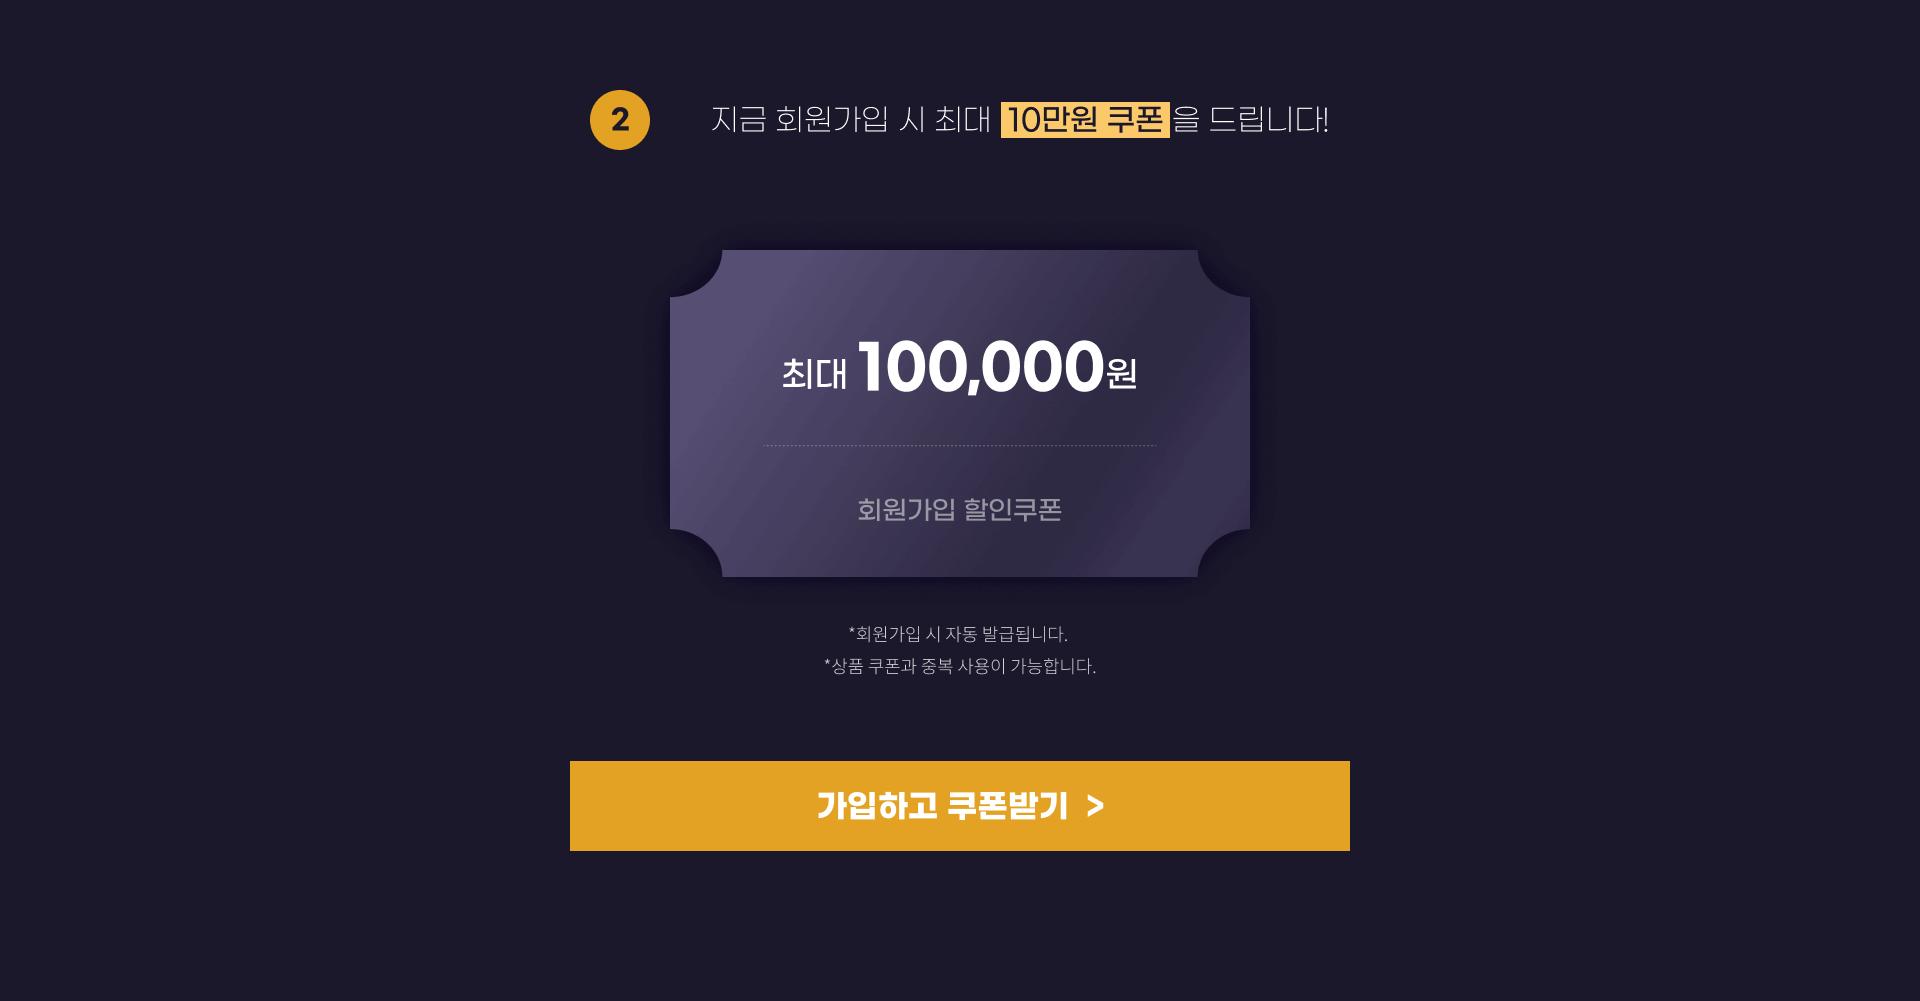 2 지금 회원가입 시 최대 10만원 쿠폰을 드립니다!